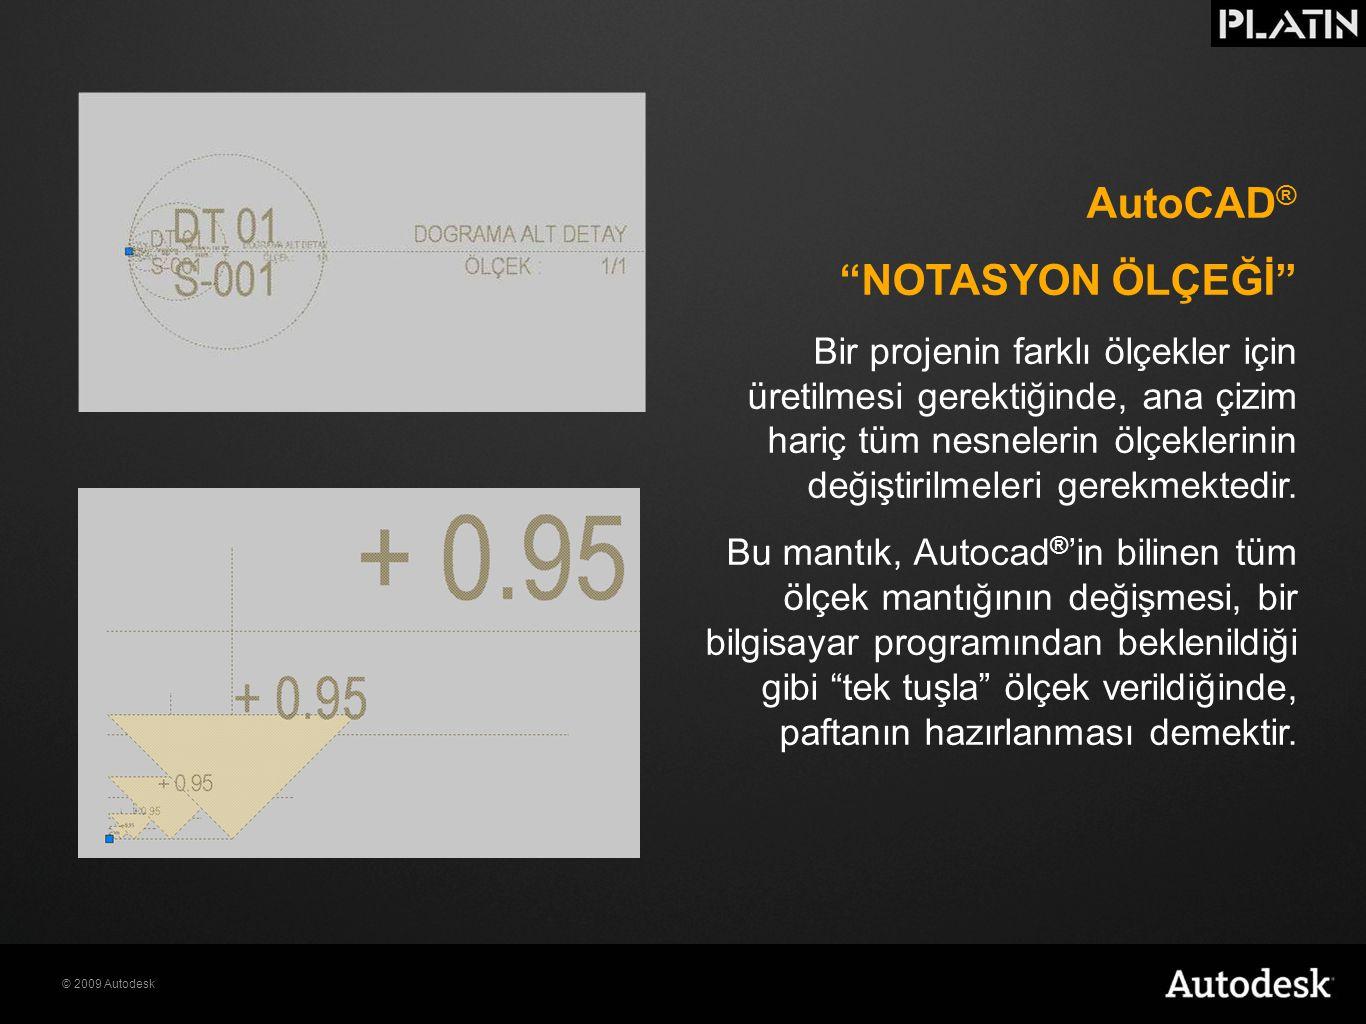 """© 2009 Autodesk AutoCAD ® """"NOTASYON ÖLÇEĞİ"""" Bir projenin farklı ölçekler için üretilmesi gerektiğinde, ana çizim hariç tüm nesnelerin ölçeklerinin değ"""